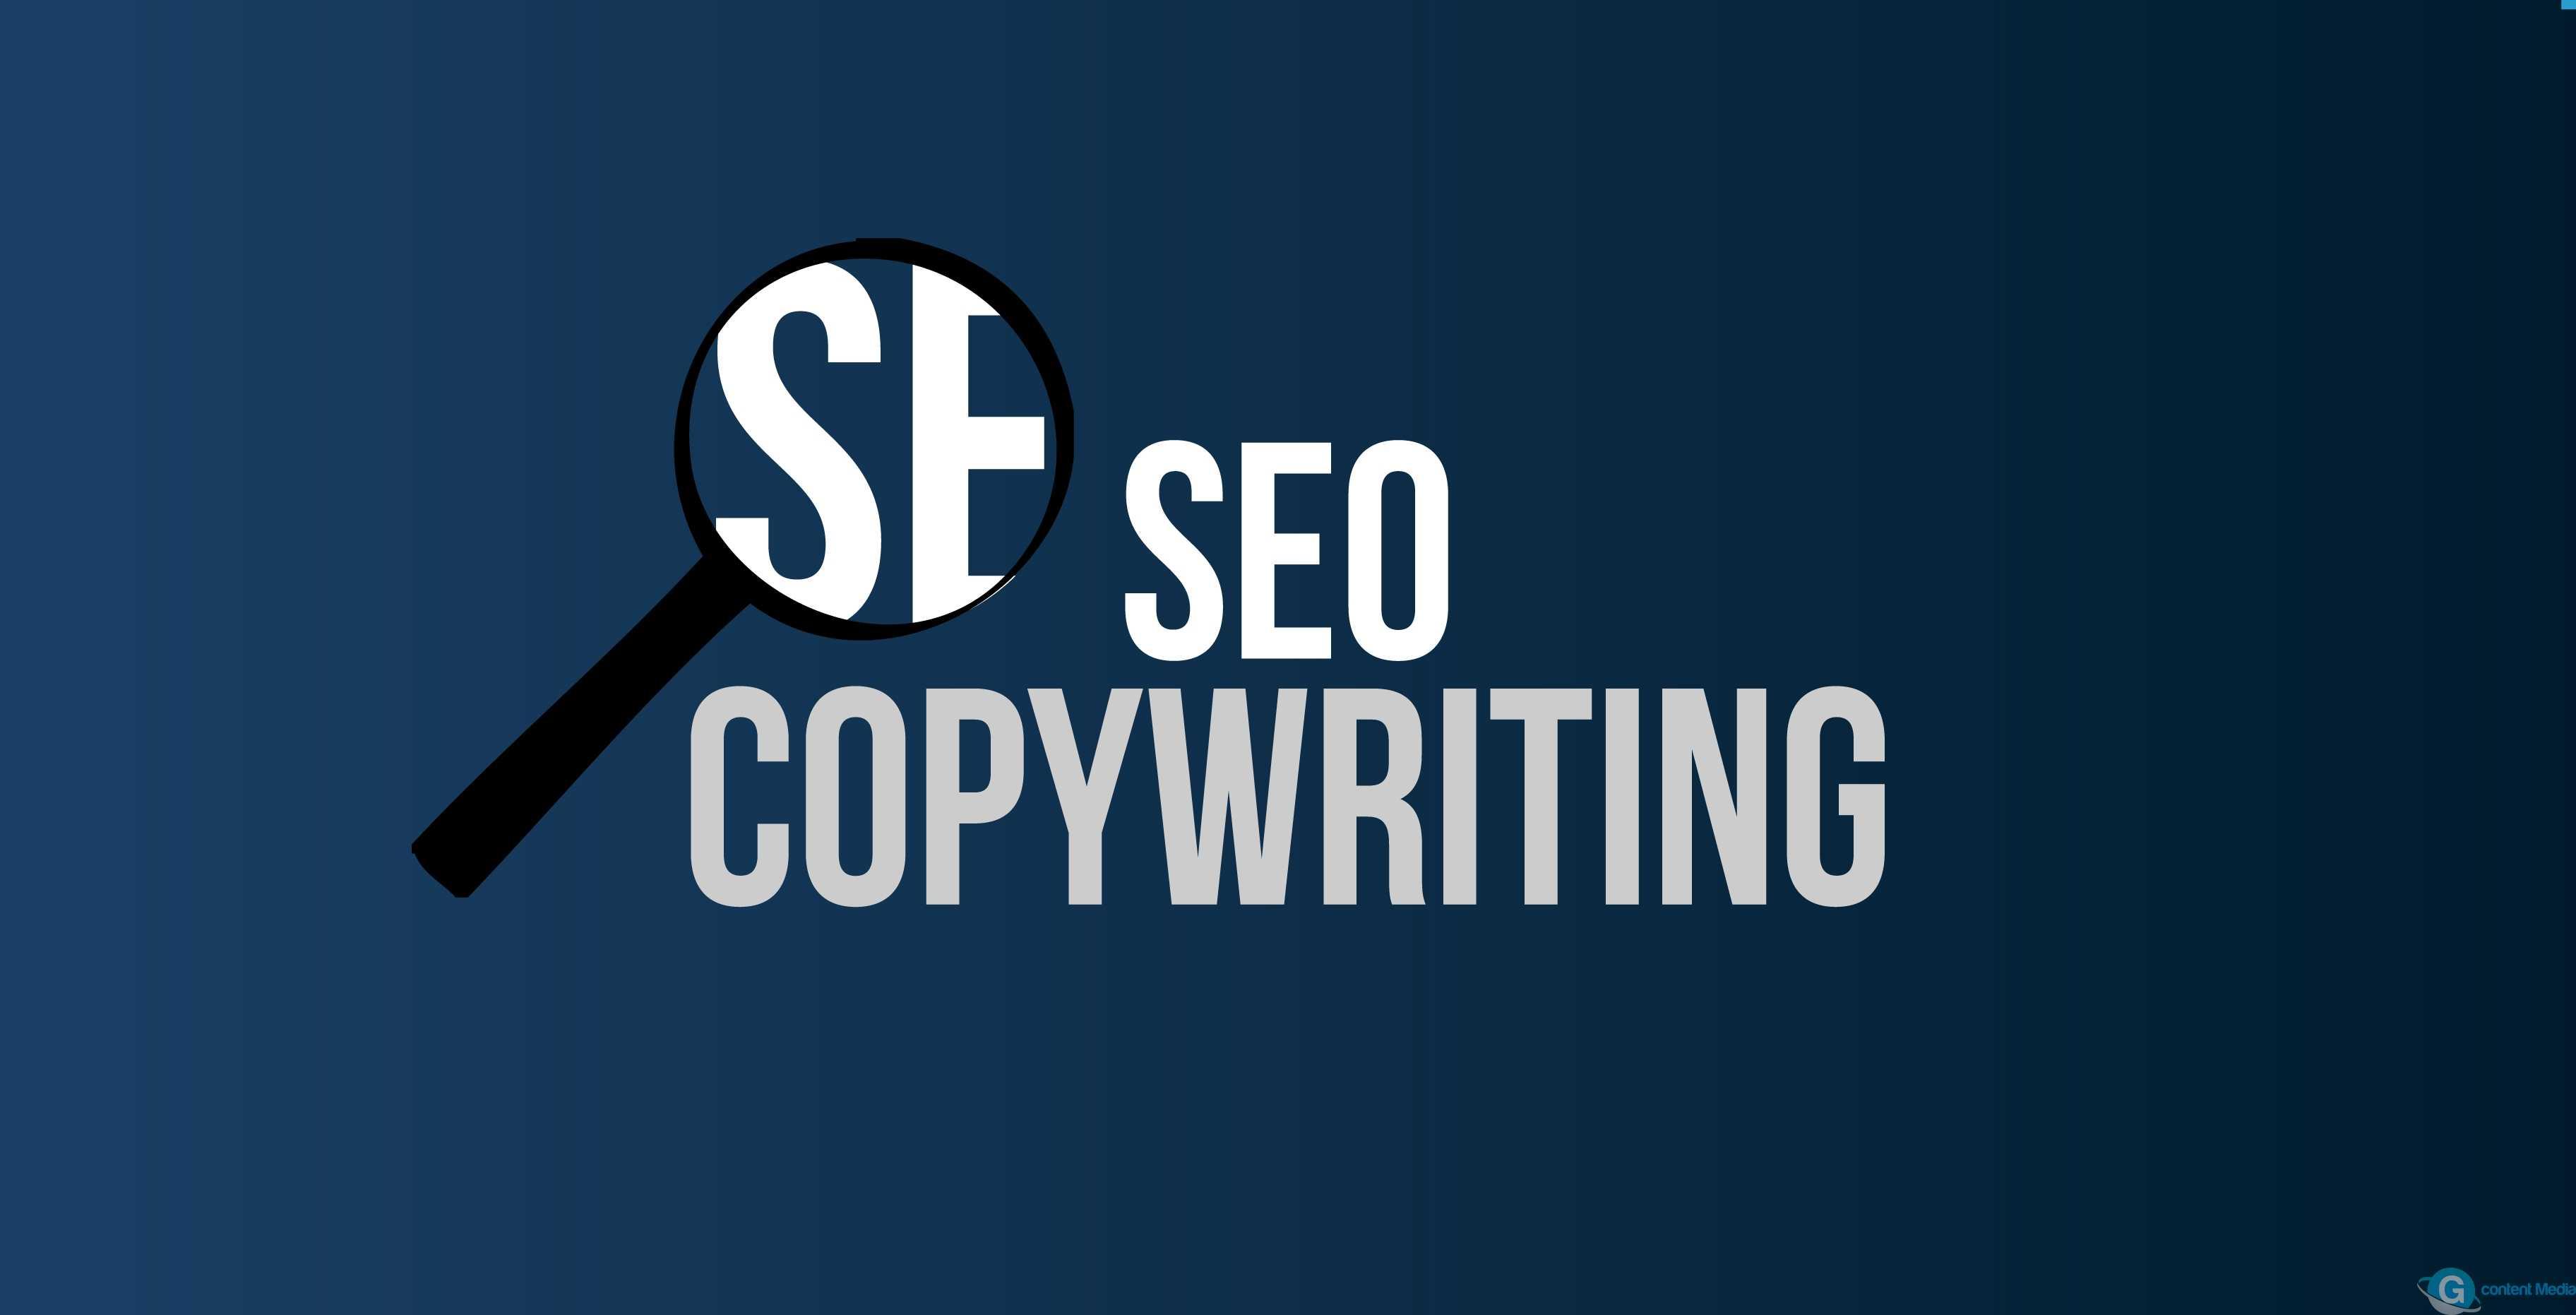 3 bước cần chuẩn bị trước khi viết nội dung nền tảng cho website